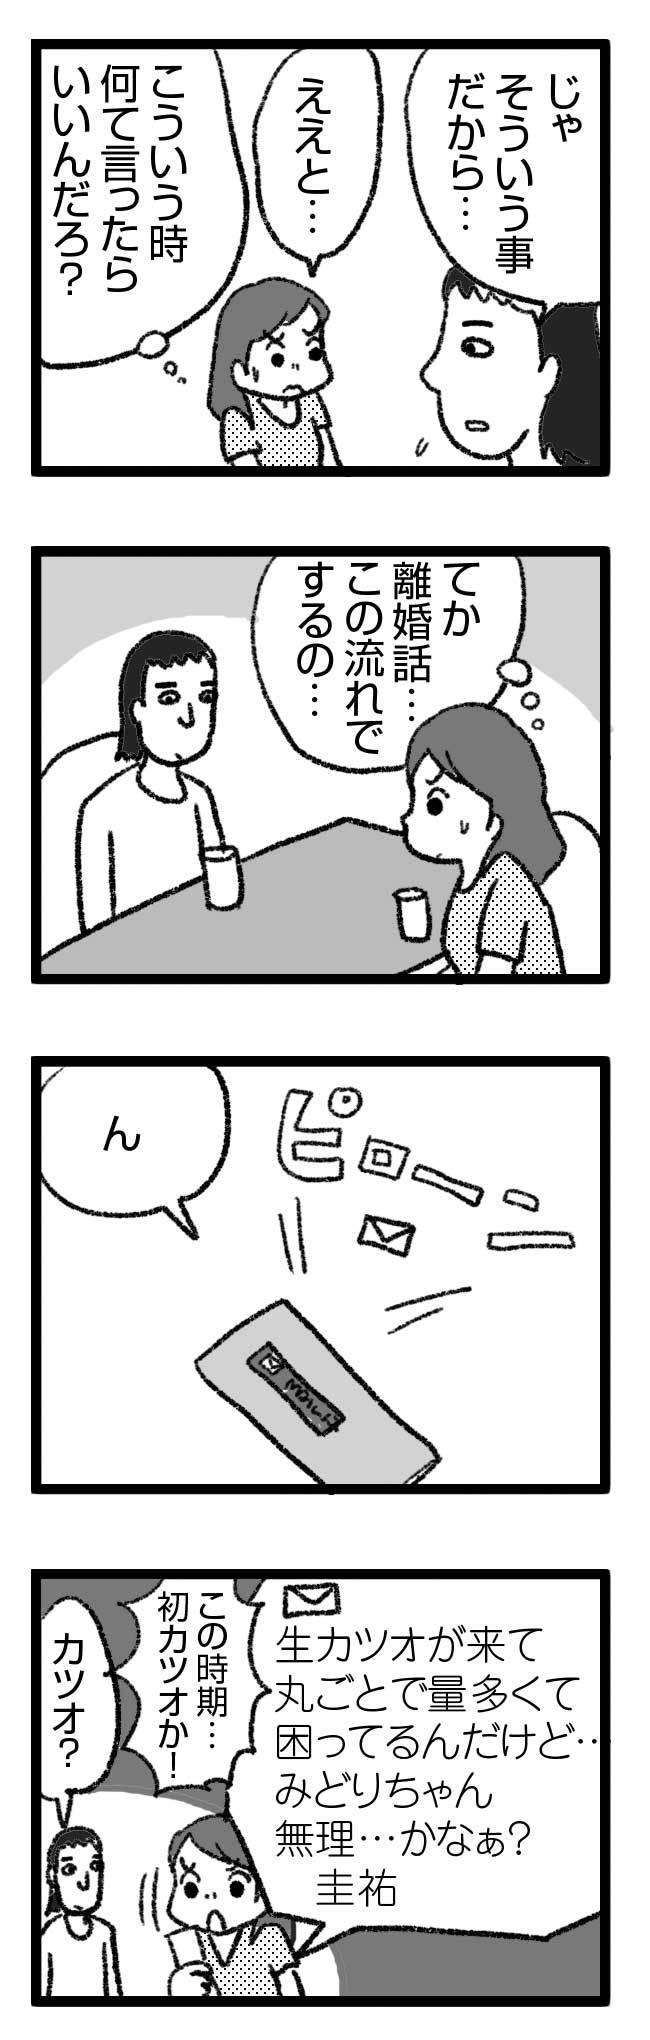 533_カツオ1 結婚 交渉 没 レス セックスレス 告白 離婚 母 親 意見 相談 ネット まんが 漫画 マンガ 性 スキンシップ スキン 肌 れす なし まんが 漫画 マンガ